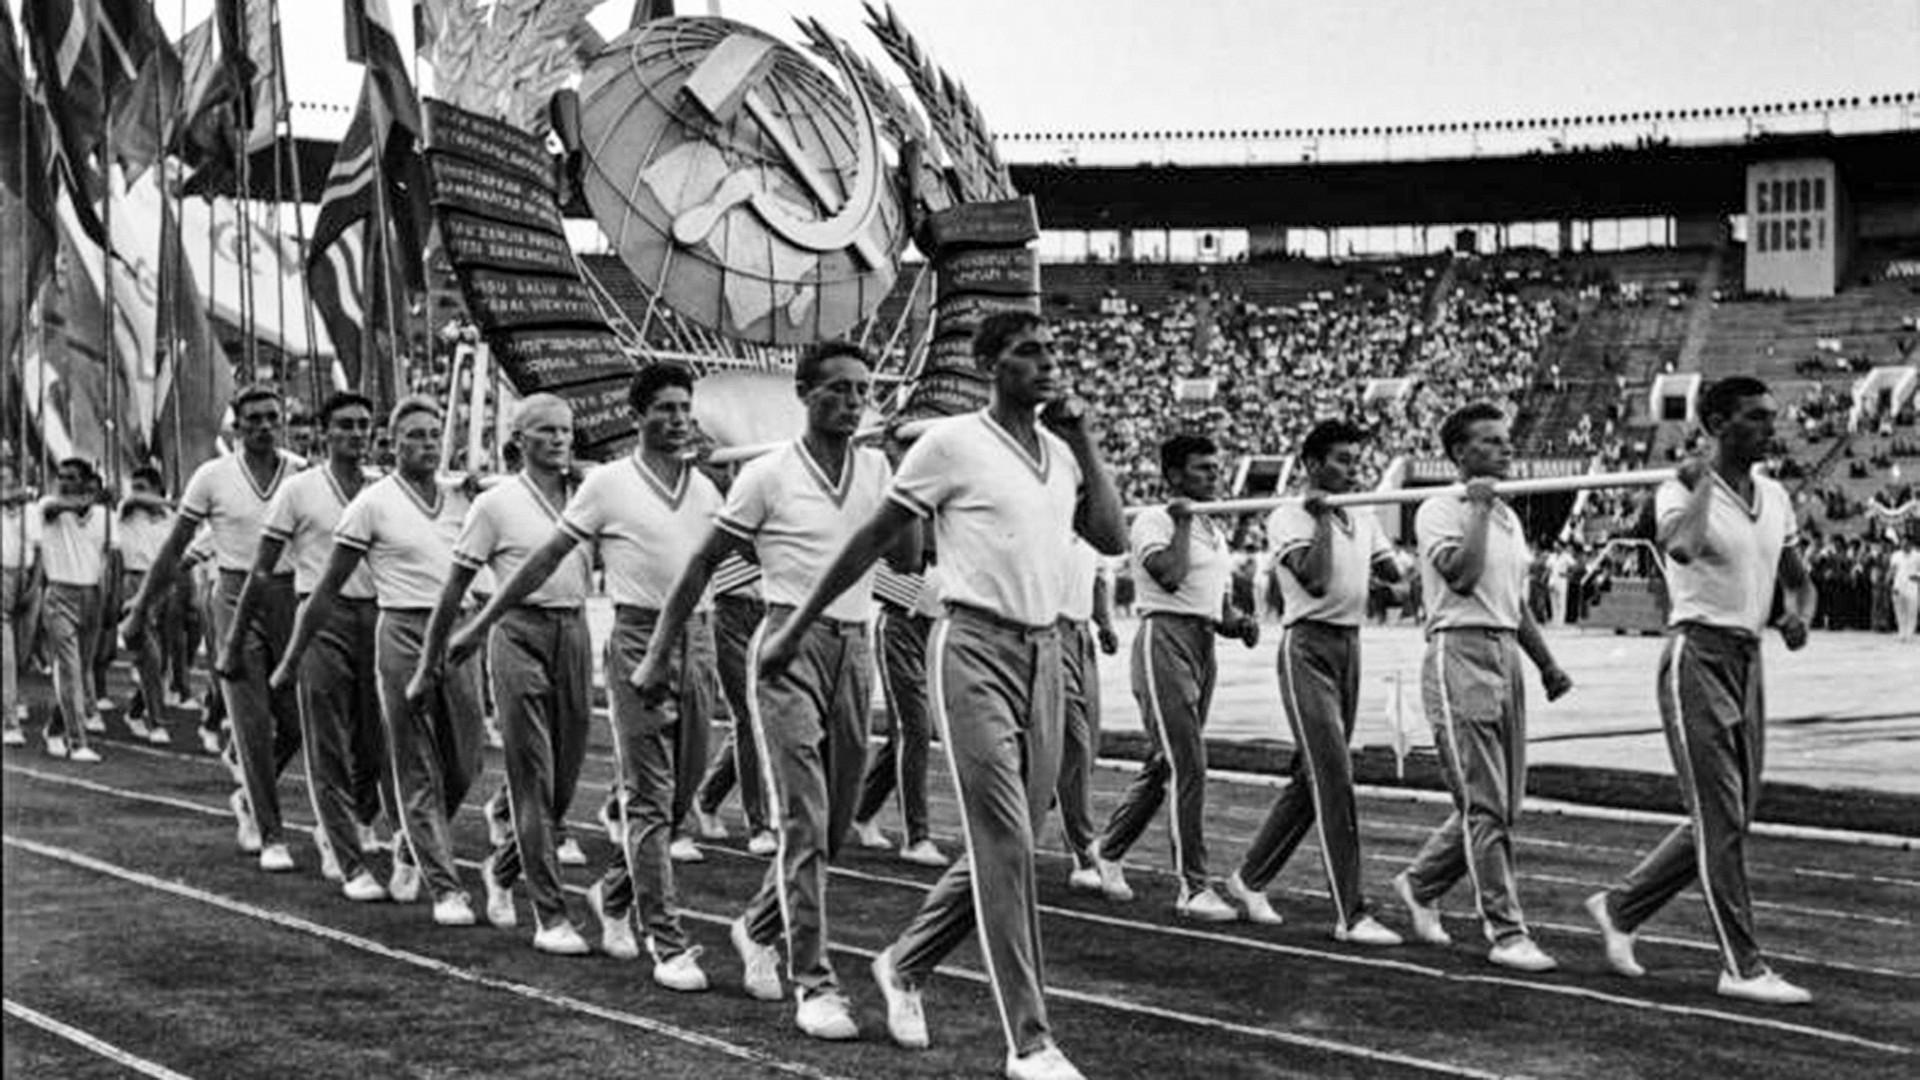 Des sportifs soviétiques dans les années 1950